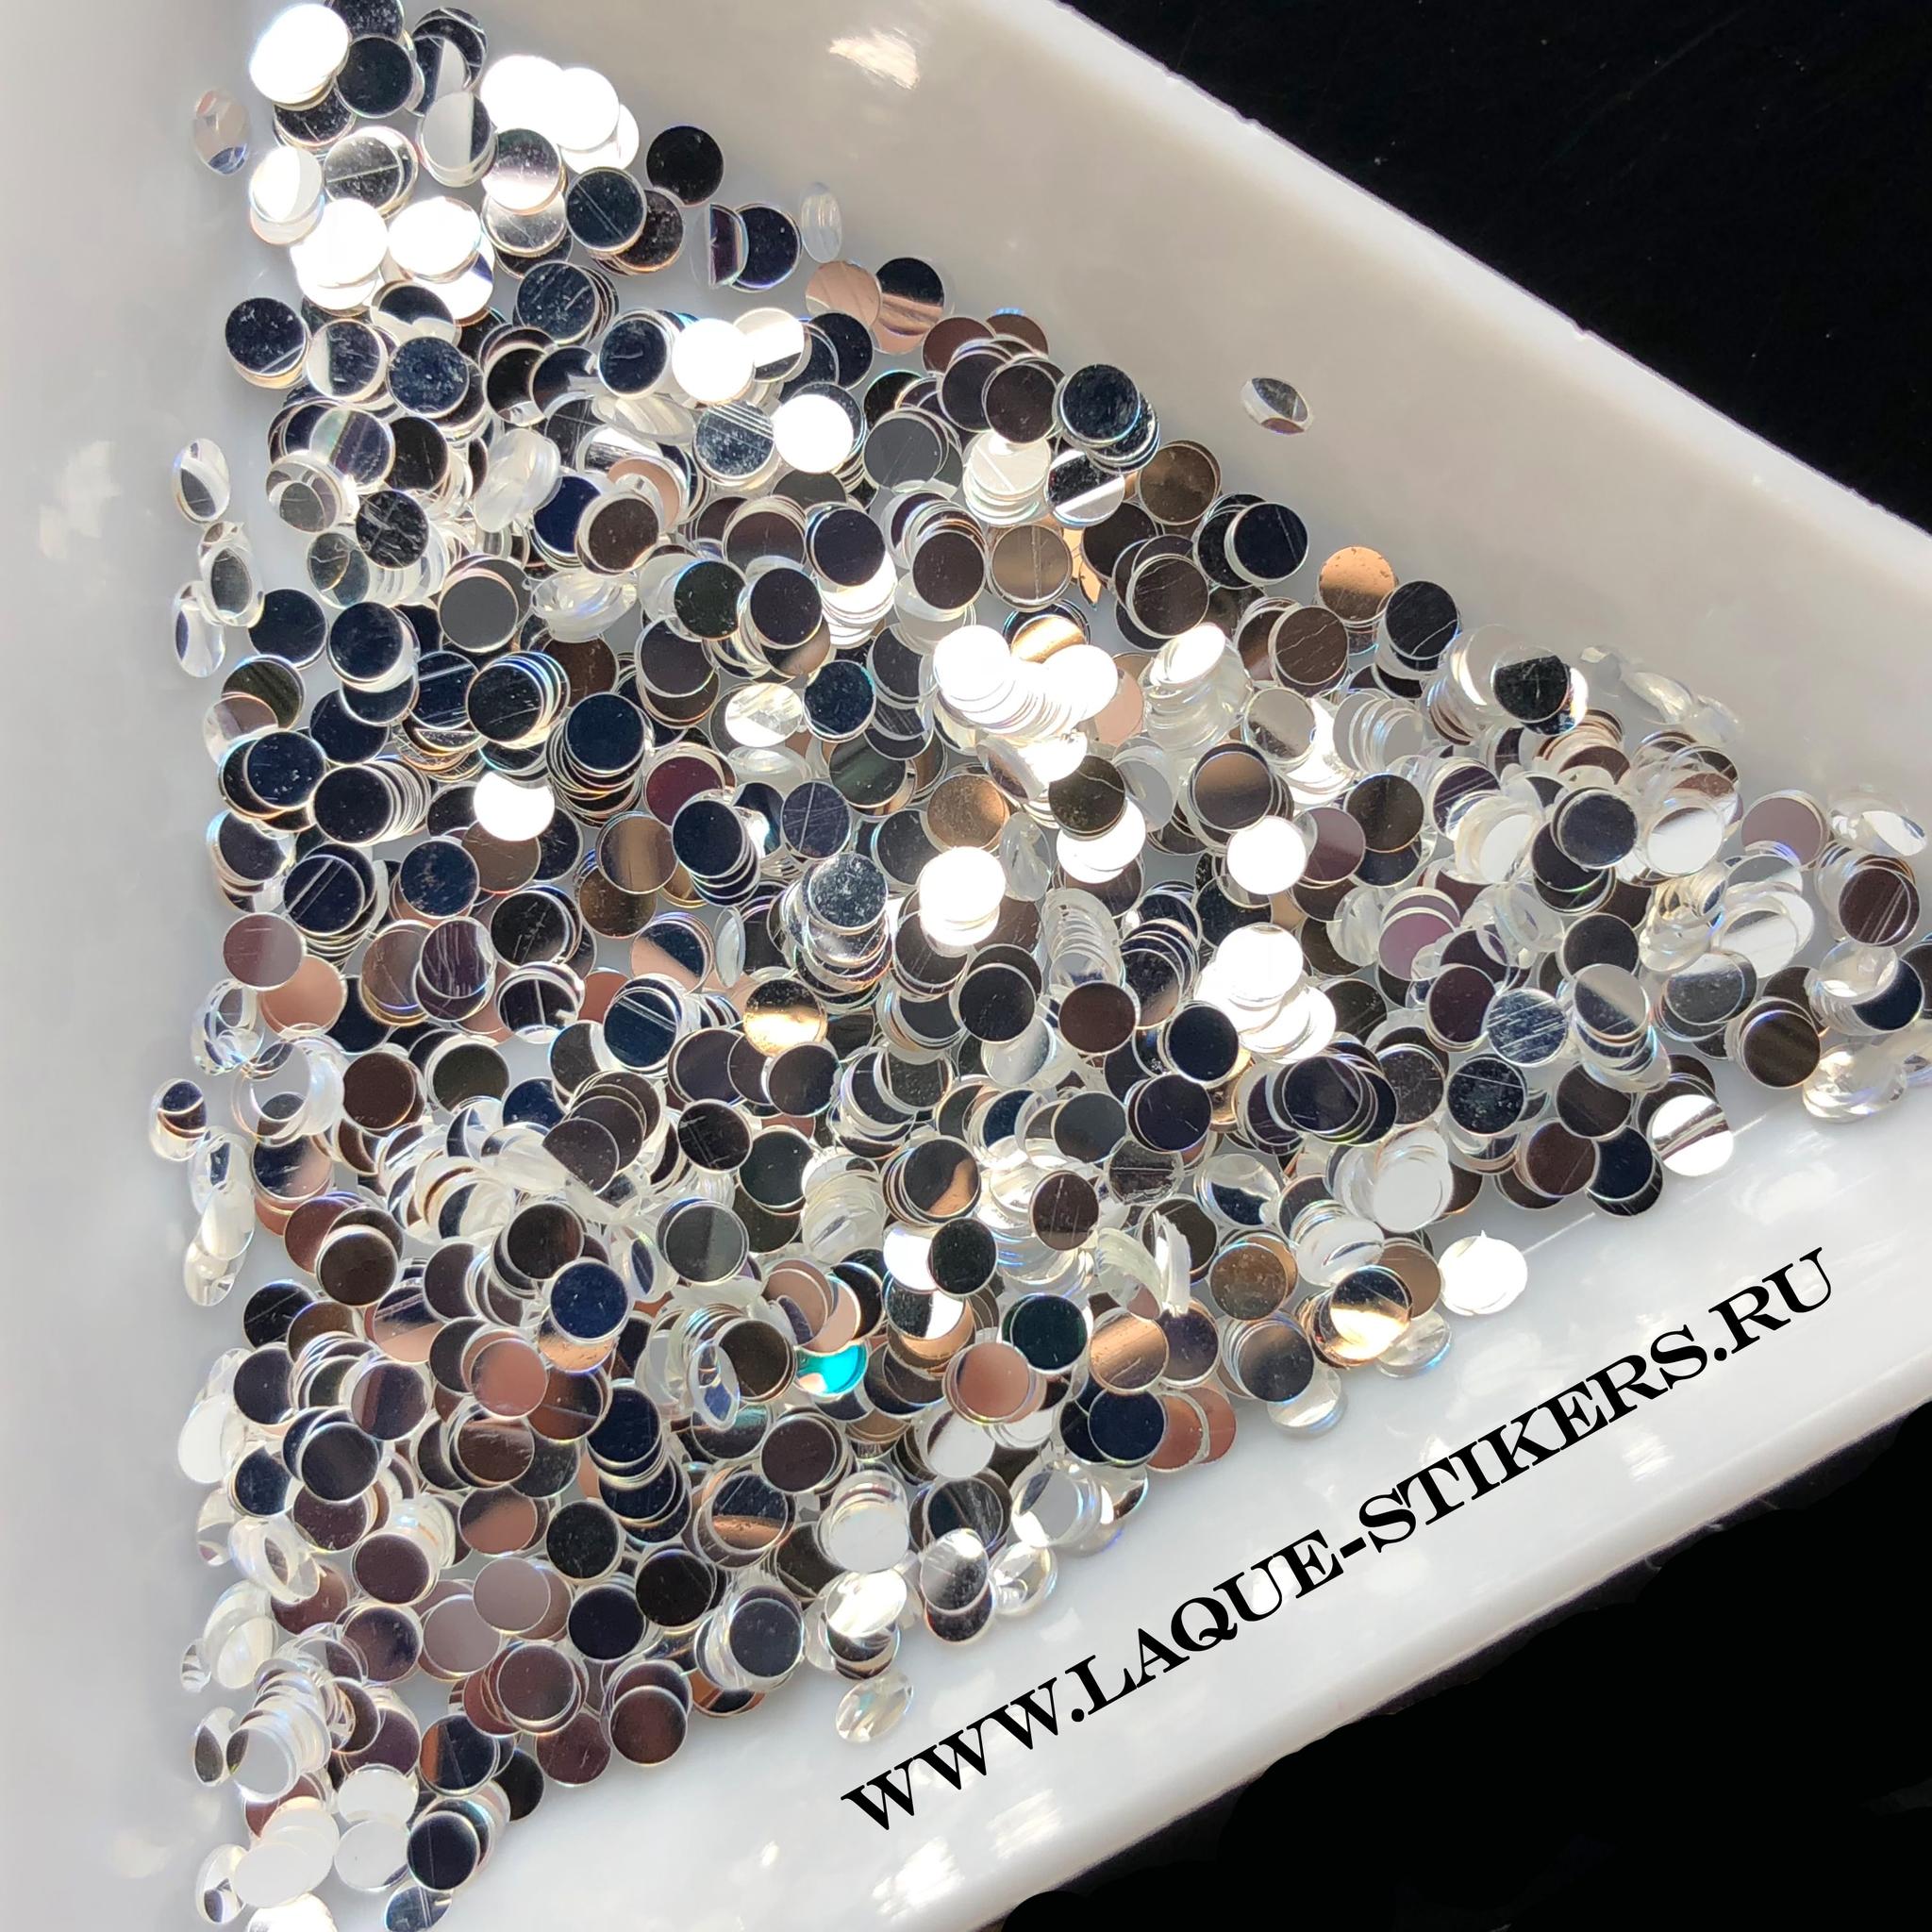 Диско дизайн, белое серебро круглые (размер 2 мм)